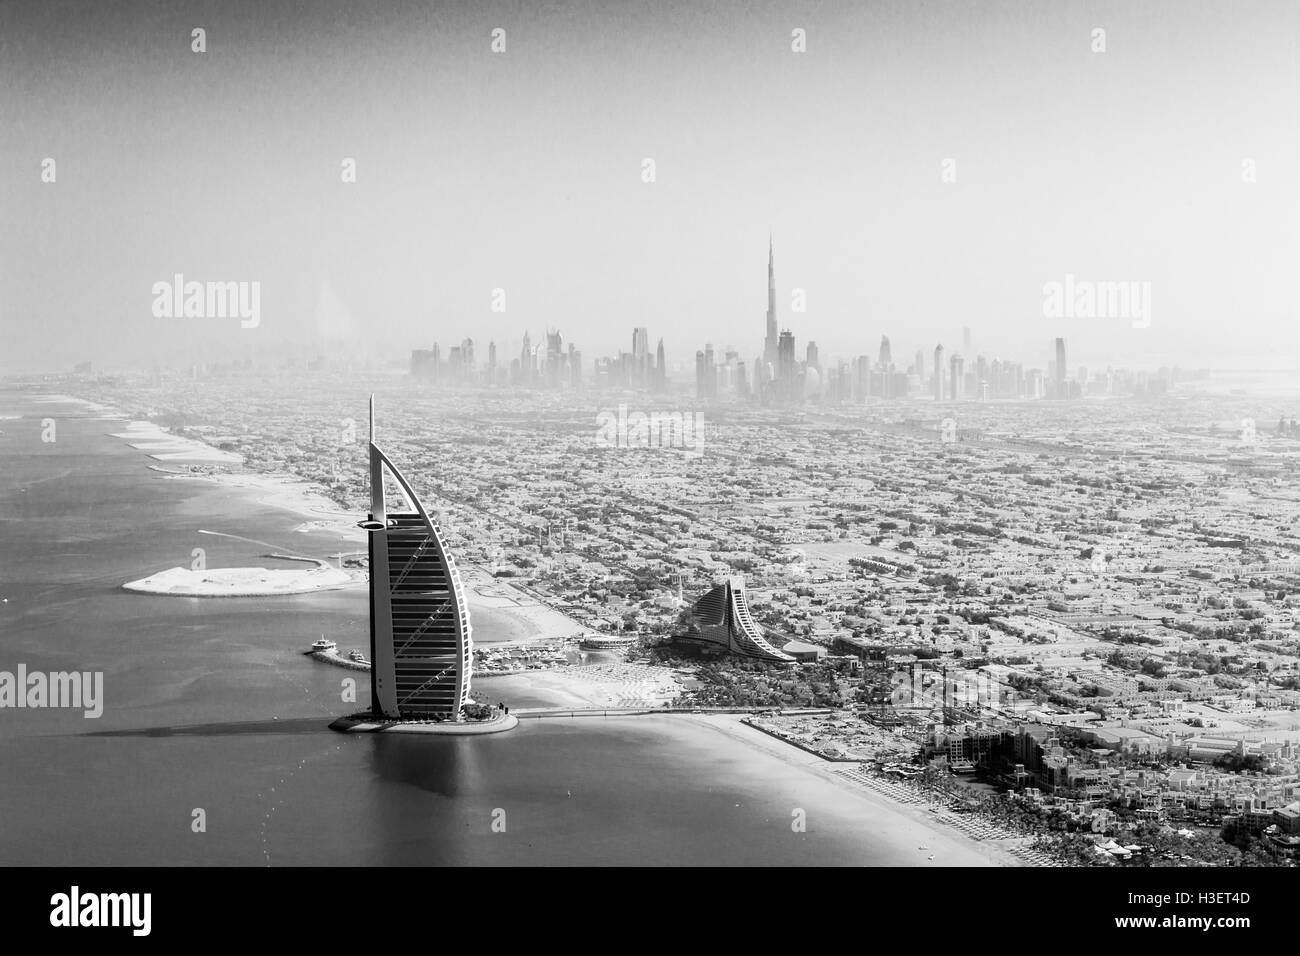 Dubai, Vereinigte Arabische Emirate - 17. Oktober 2014: die berühmten Burj Al Arab Hotel und Skyline von Dubai Stockbild